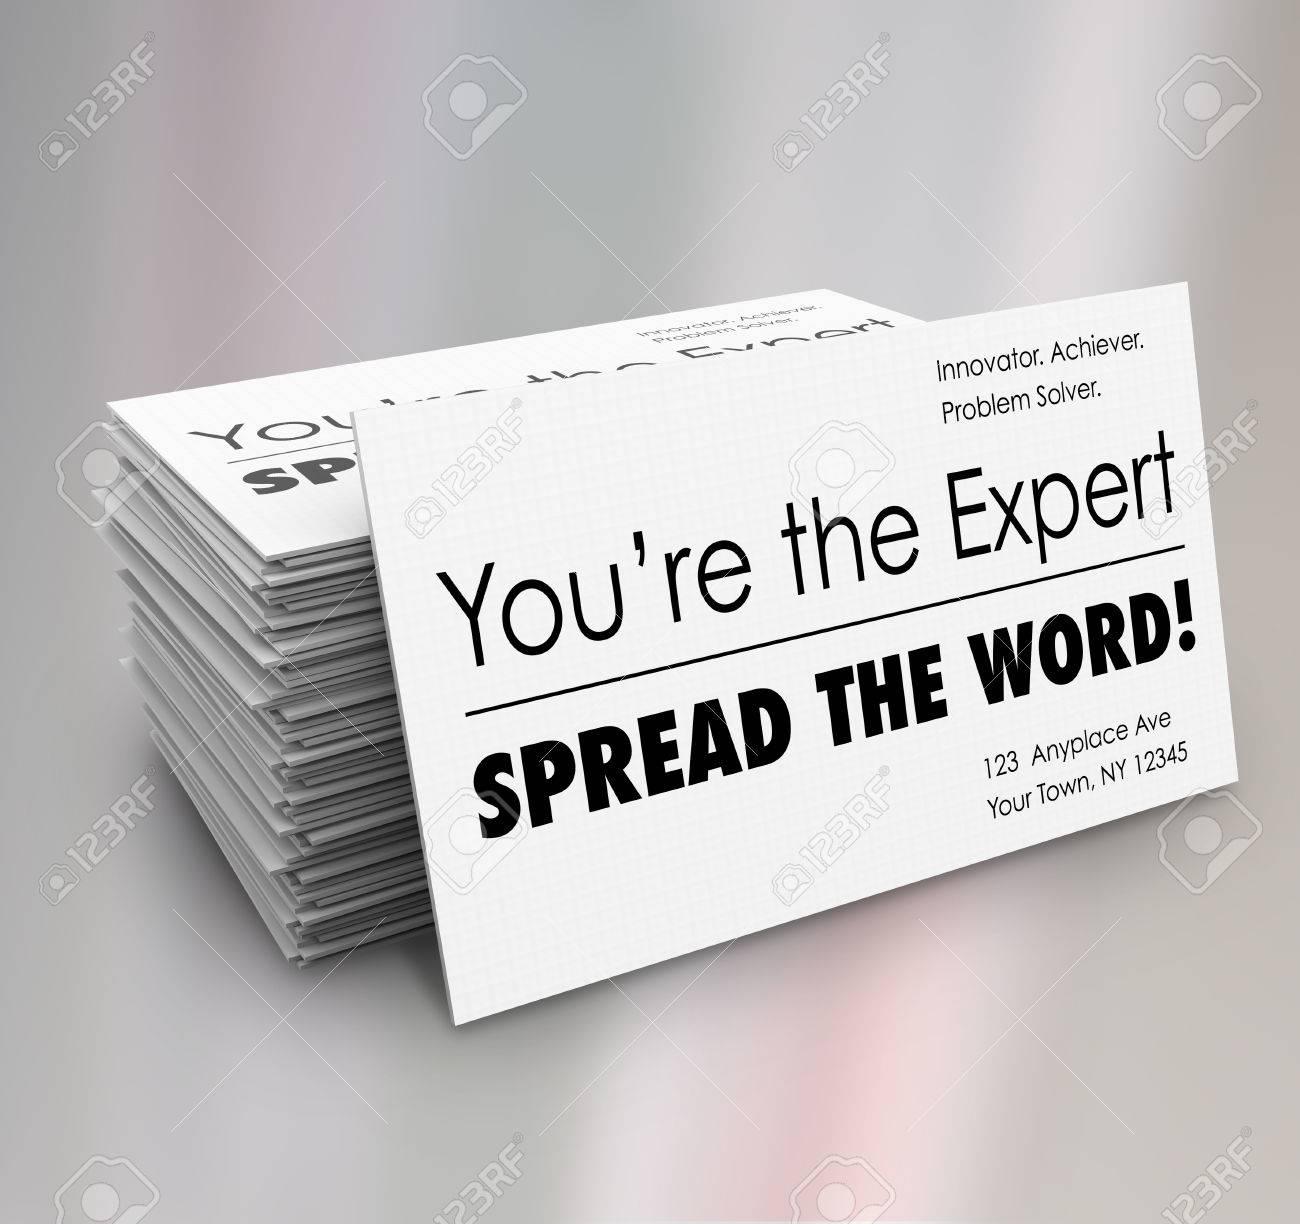 Vous Etes Lexpert Etaler La Carte De Visite Pile Word Pour